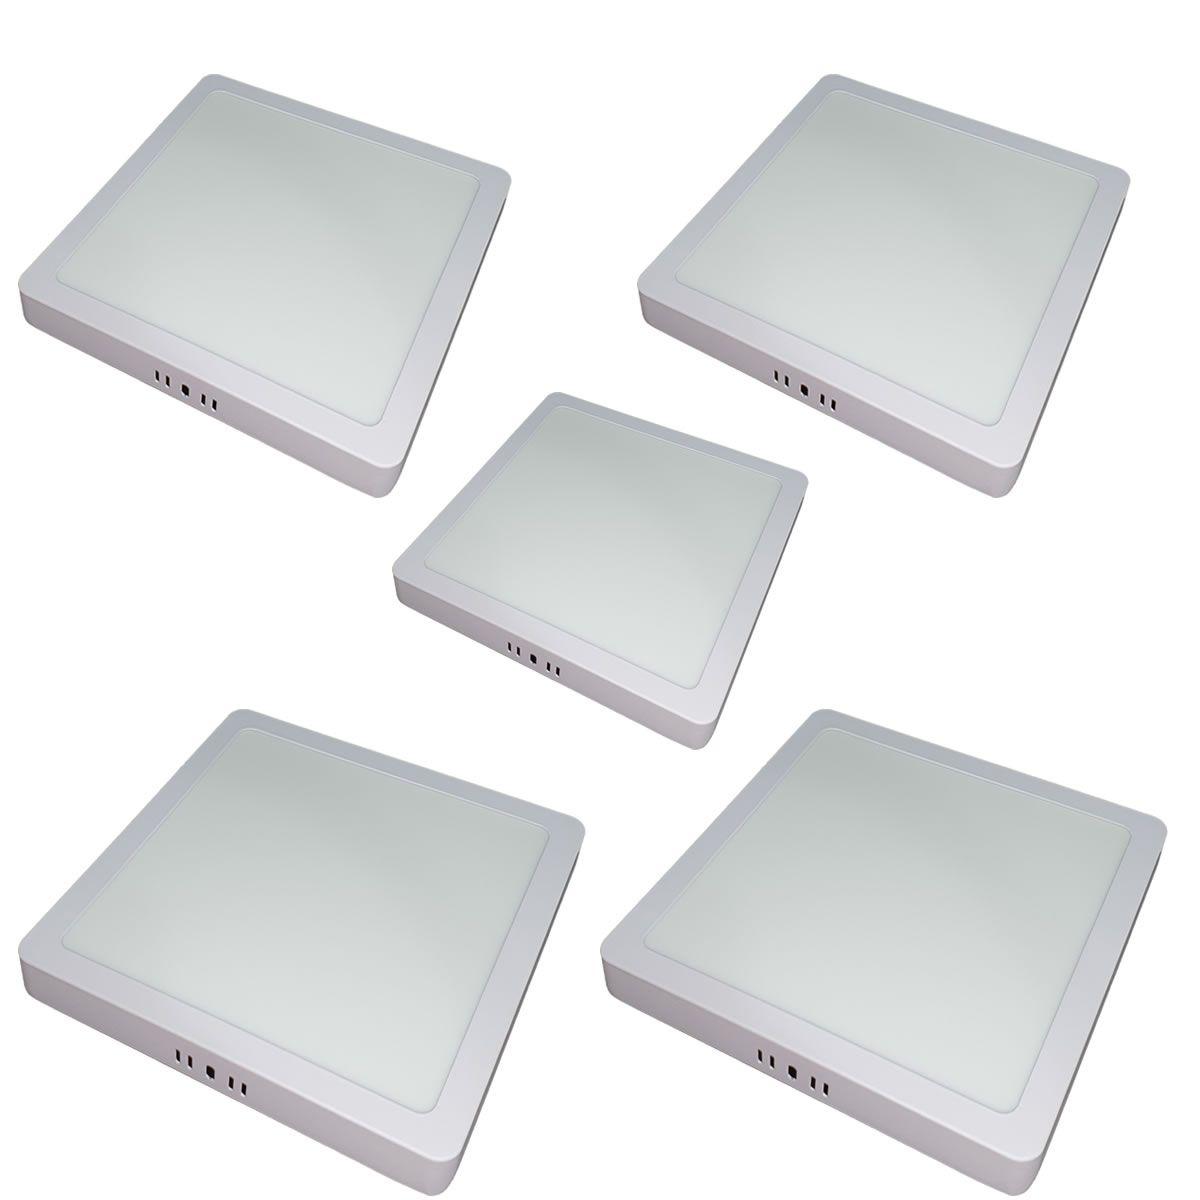 KIT 5 Painel Plafon LED 6w Quadrado Sobrepor Branco Quente Luminária